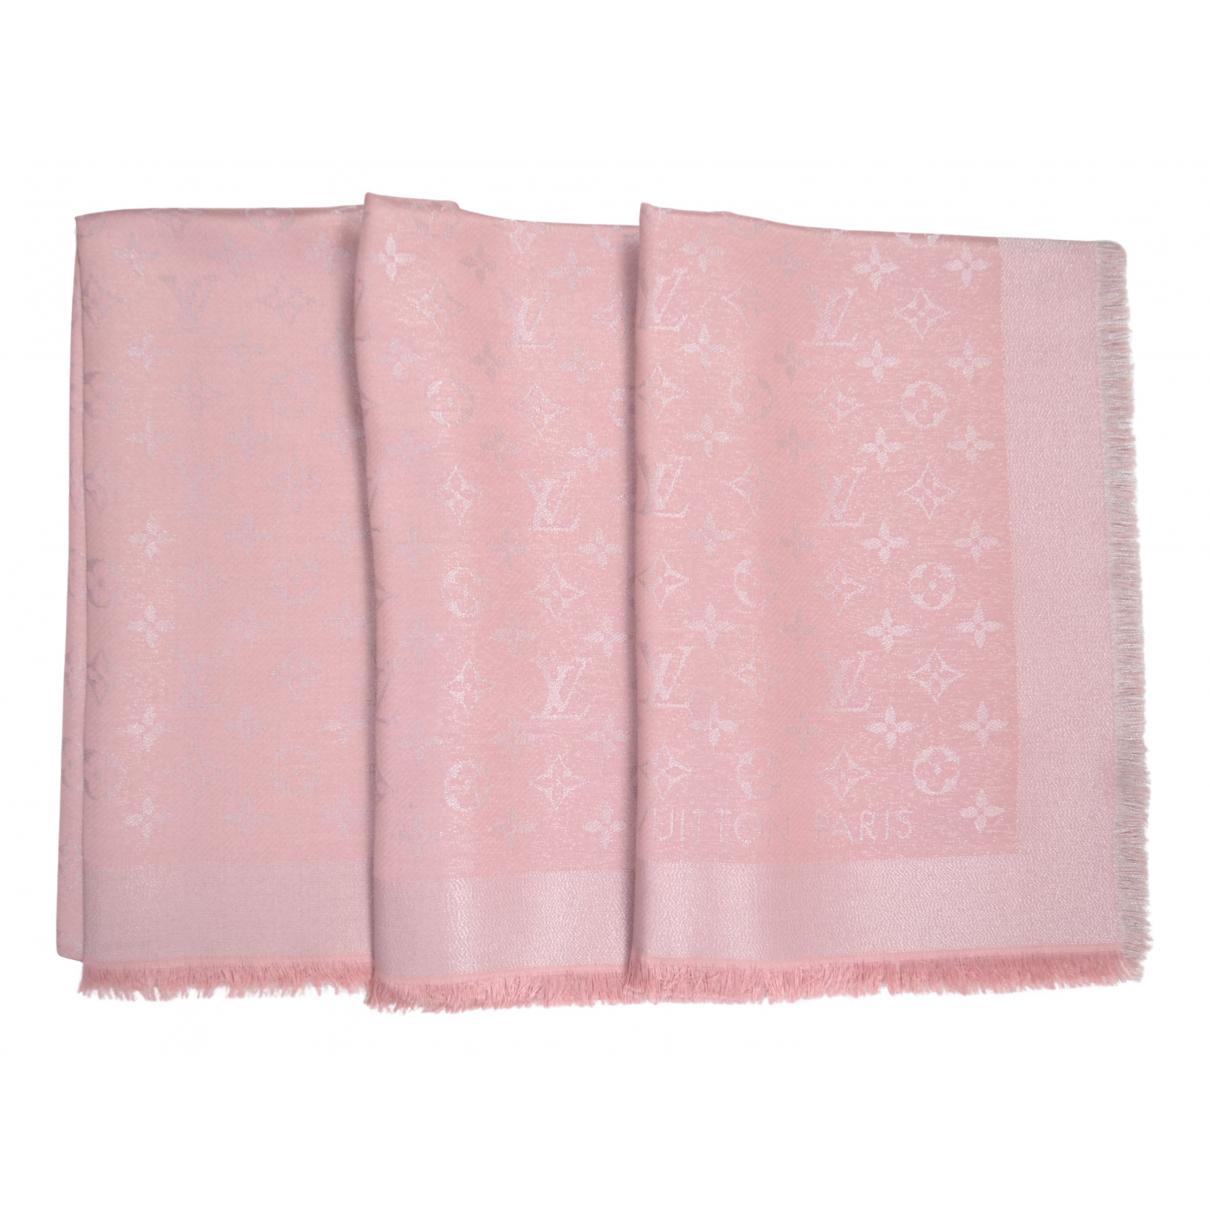 Louis Vuitton - Foulard Chale Monogram pour femme en soie - rose